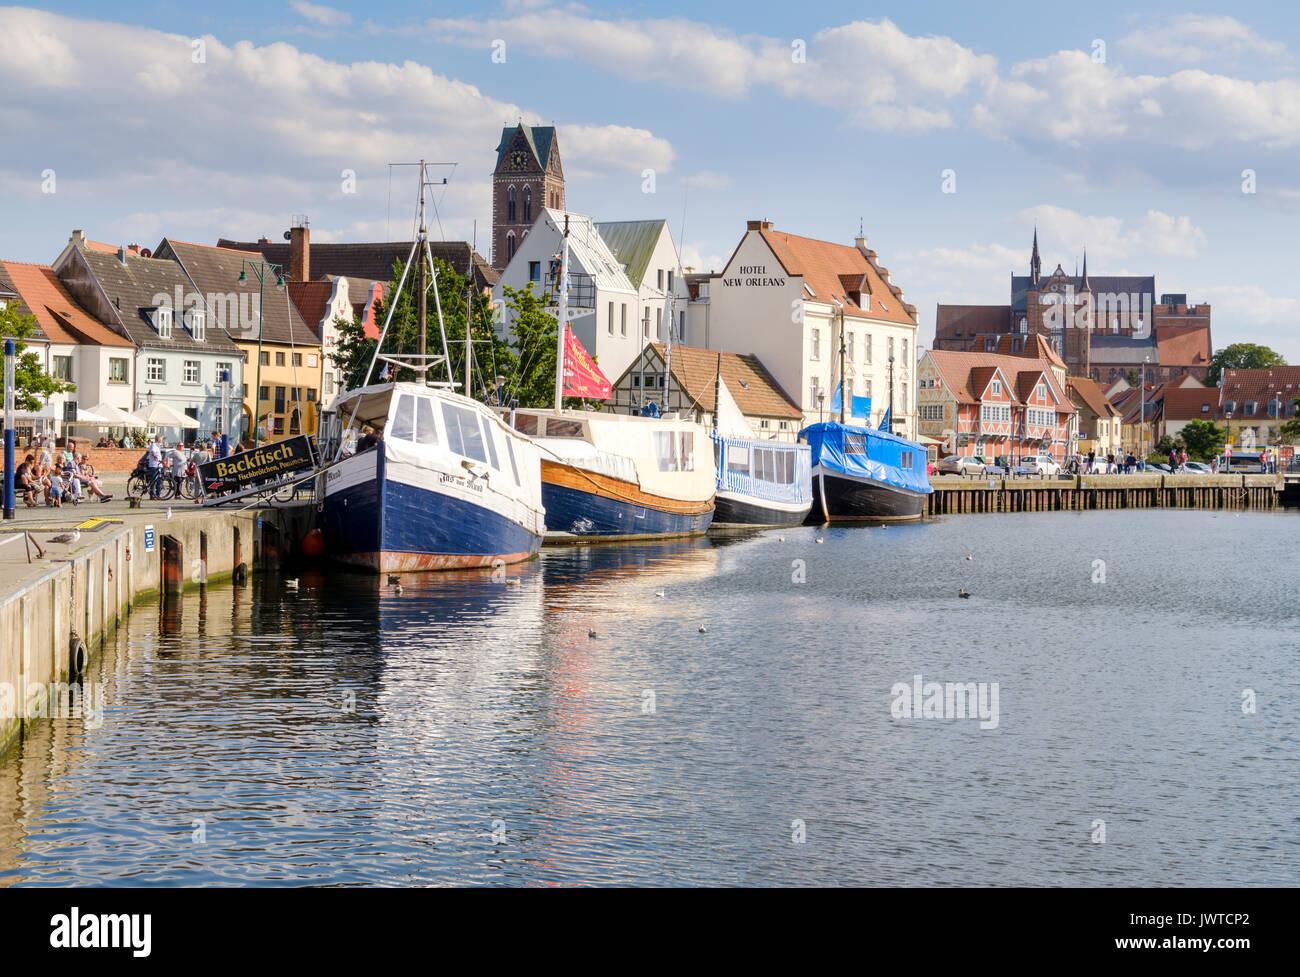 Wismar, Mecklenburg-Vorpommern, Germany - Stock Image